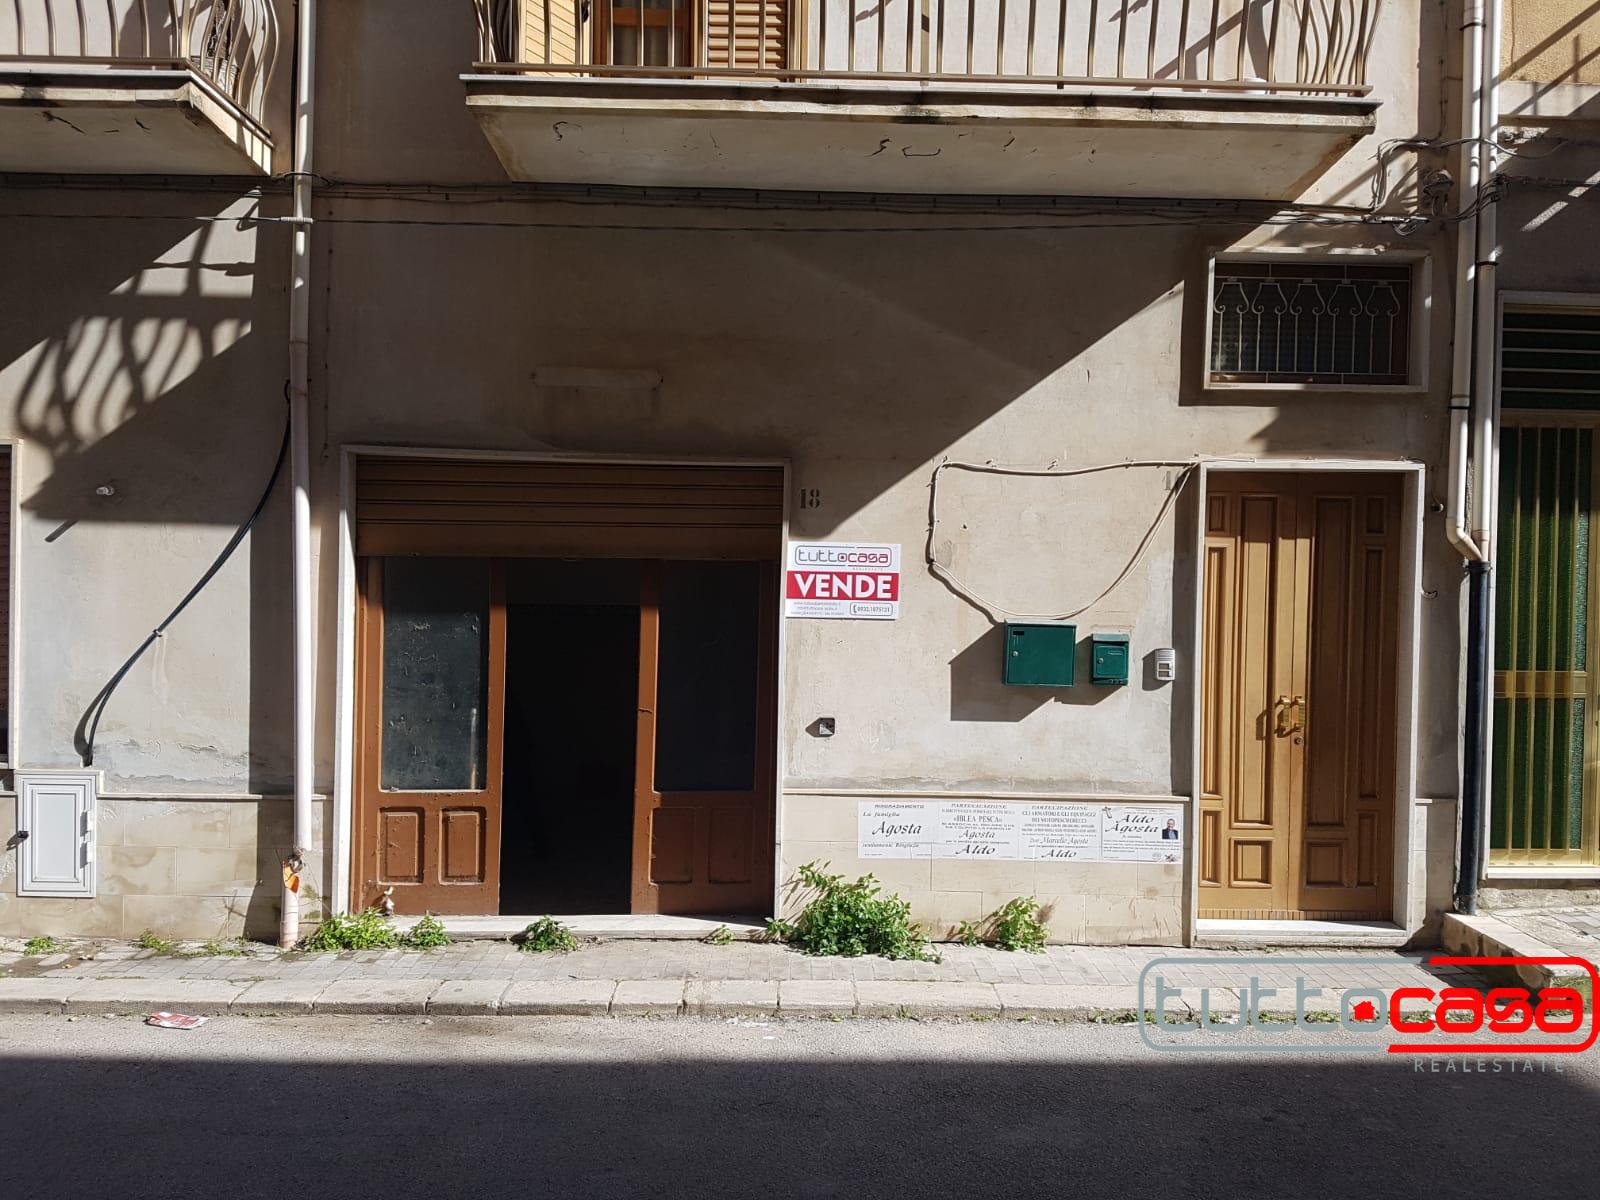 Appartamento in vendita a Scicli, 4 locali, zona li, prezzo € 55.000 | PortaleAgenzieImmobiliari.it